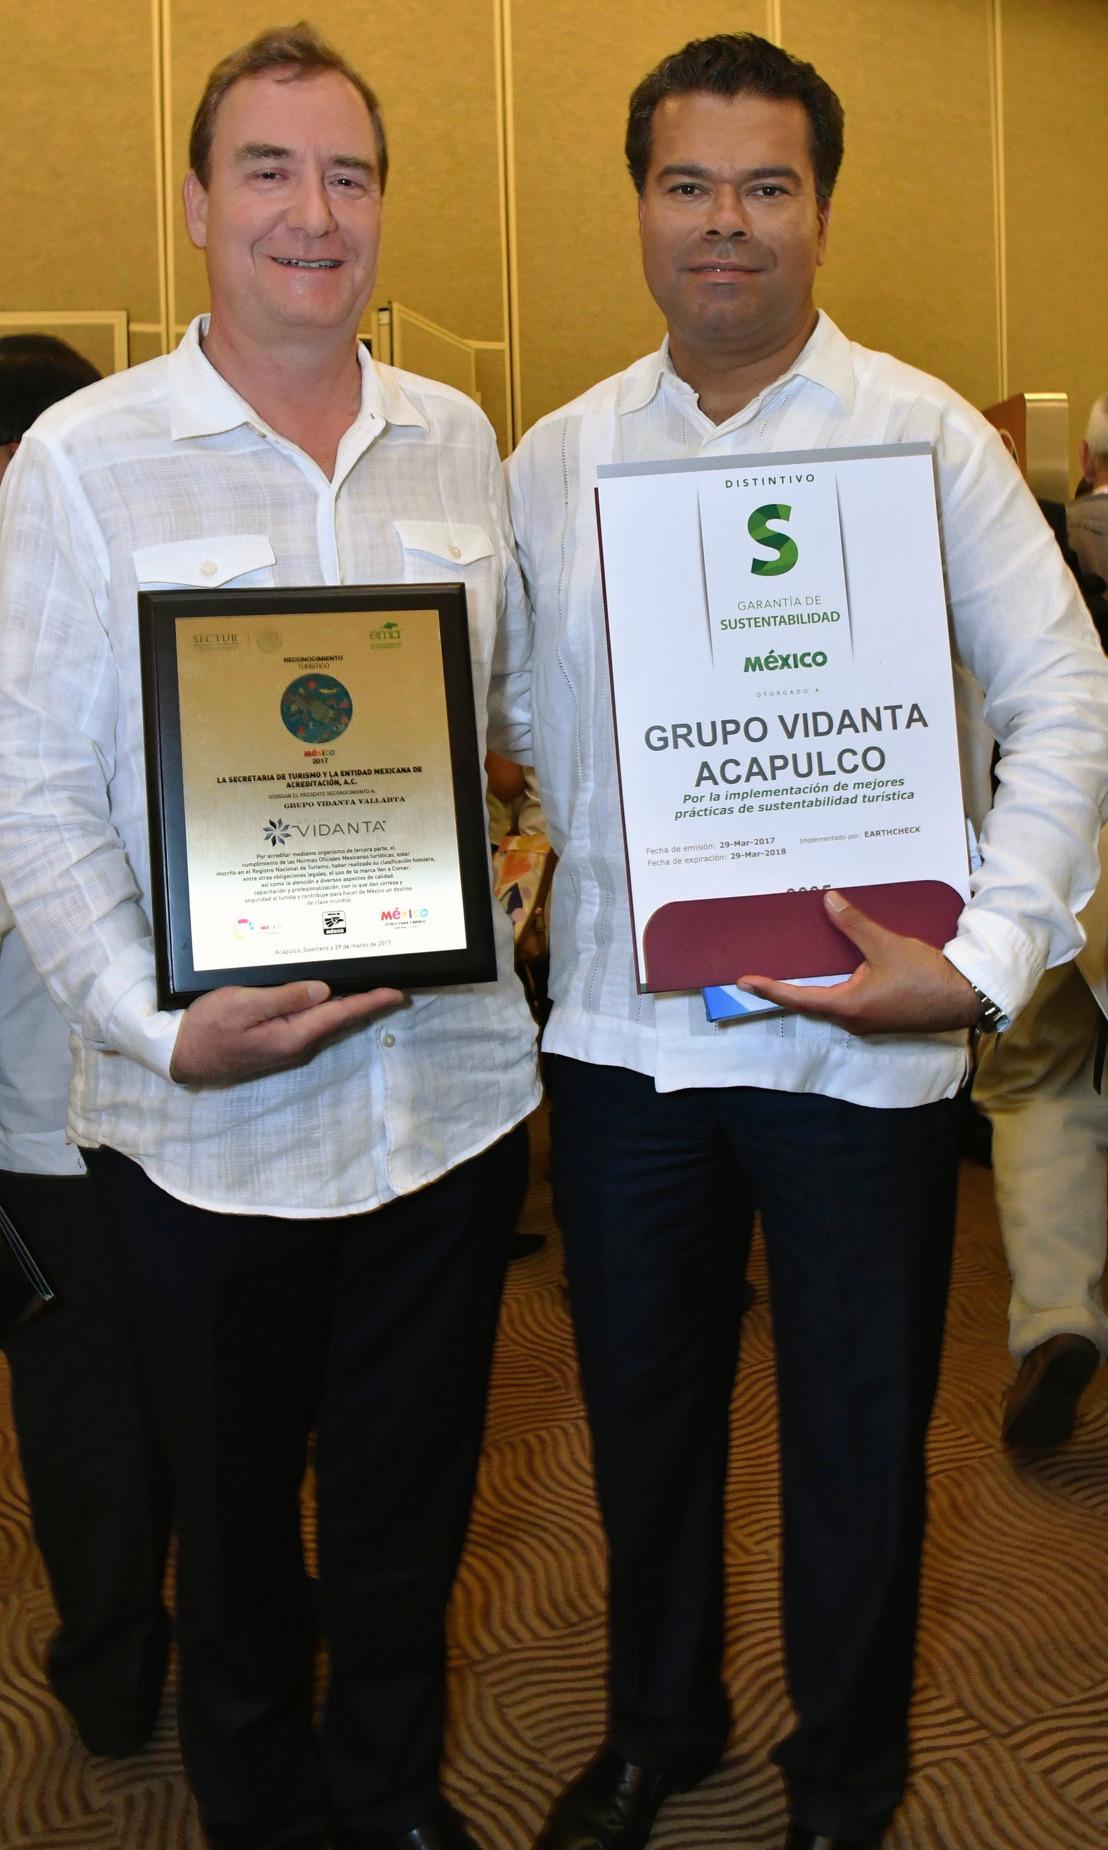 Reconoce SECTUR a Grupo Vidanta durante el Tianguis Turístico 2017 con sede en Acapulco